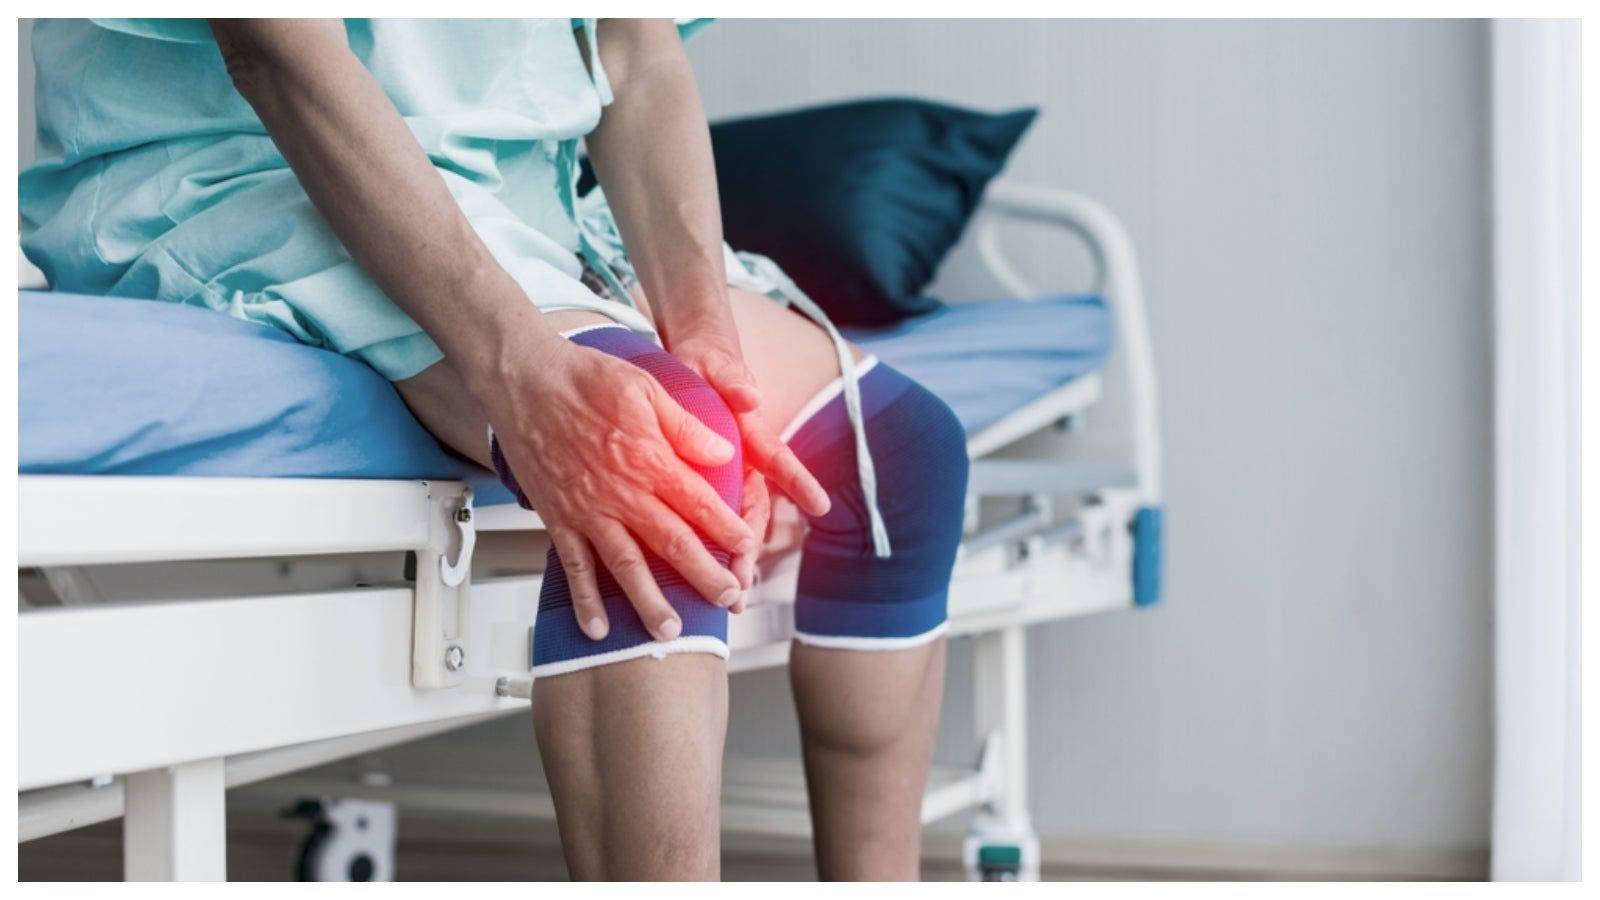 أنواع التهاب المفاصل وعلاجاتها Orthopedics Best Doctors Hospital